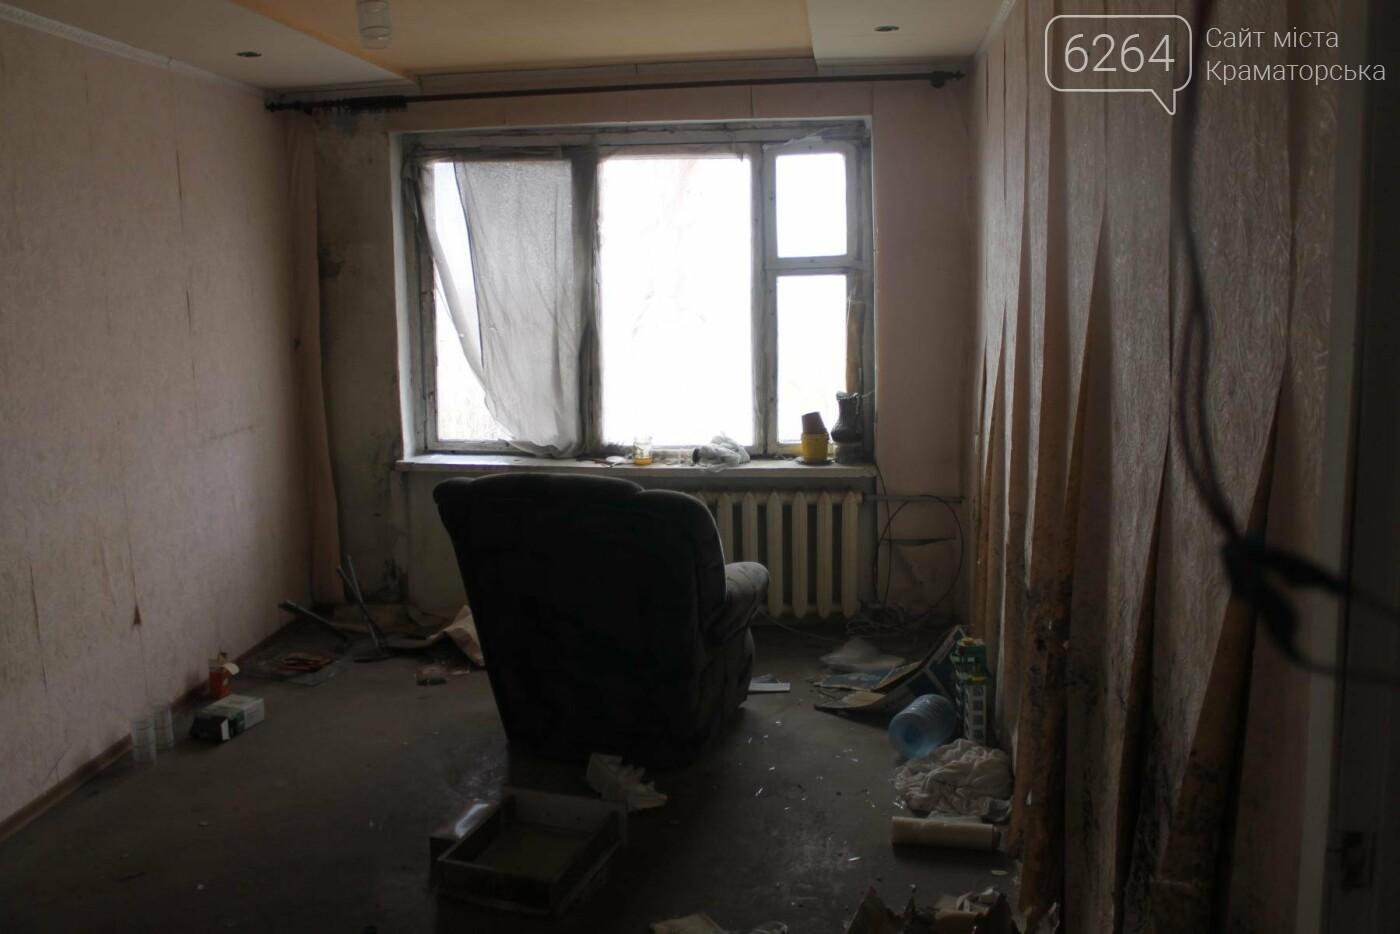 Необъявленная война глазами очевидцев: Легенды Авдеевки,  ставшие роком для ее местных жителей, фото-13